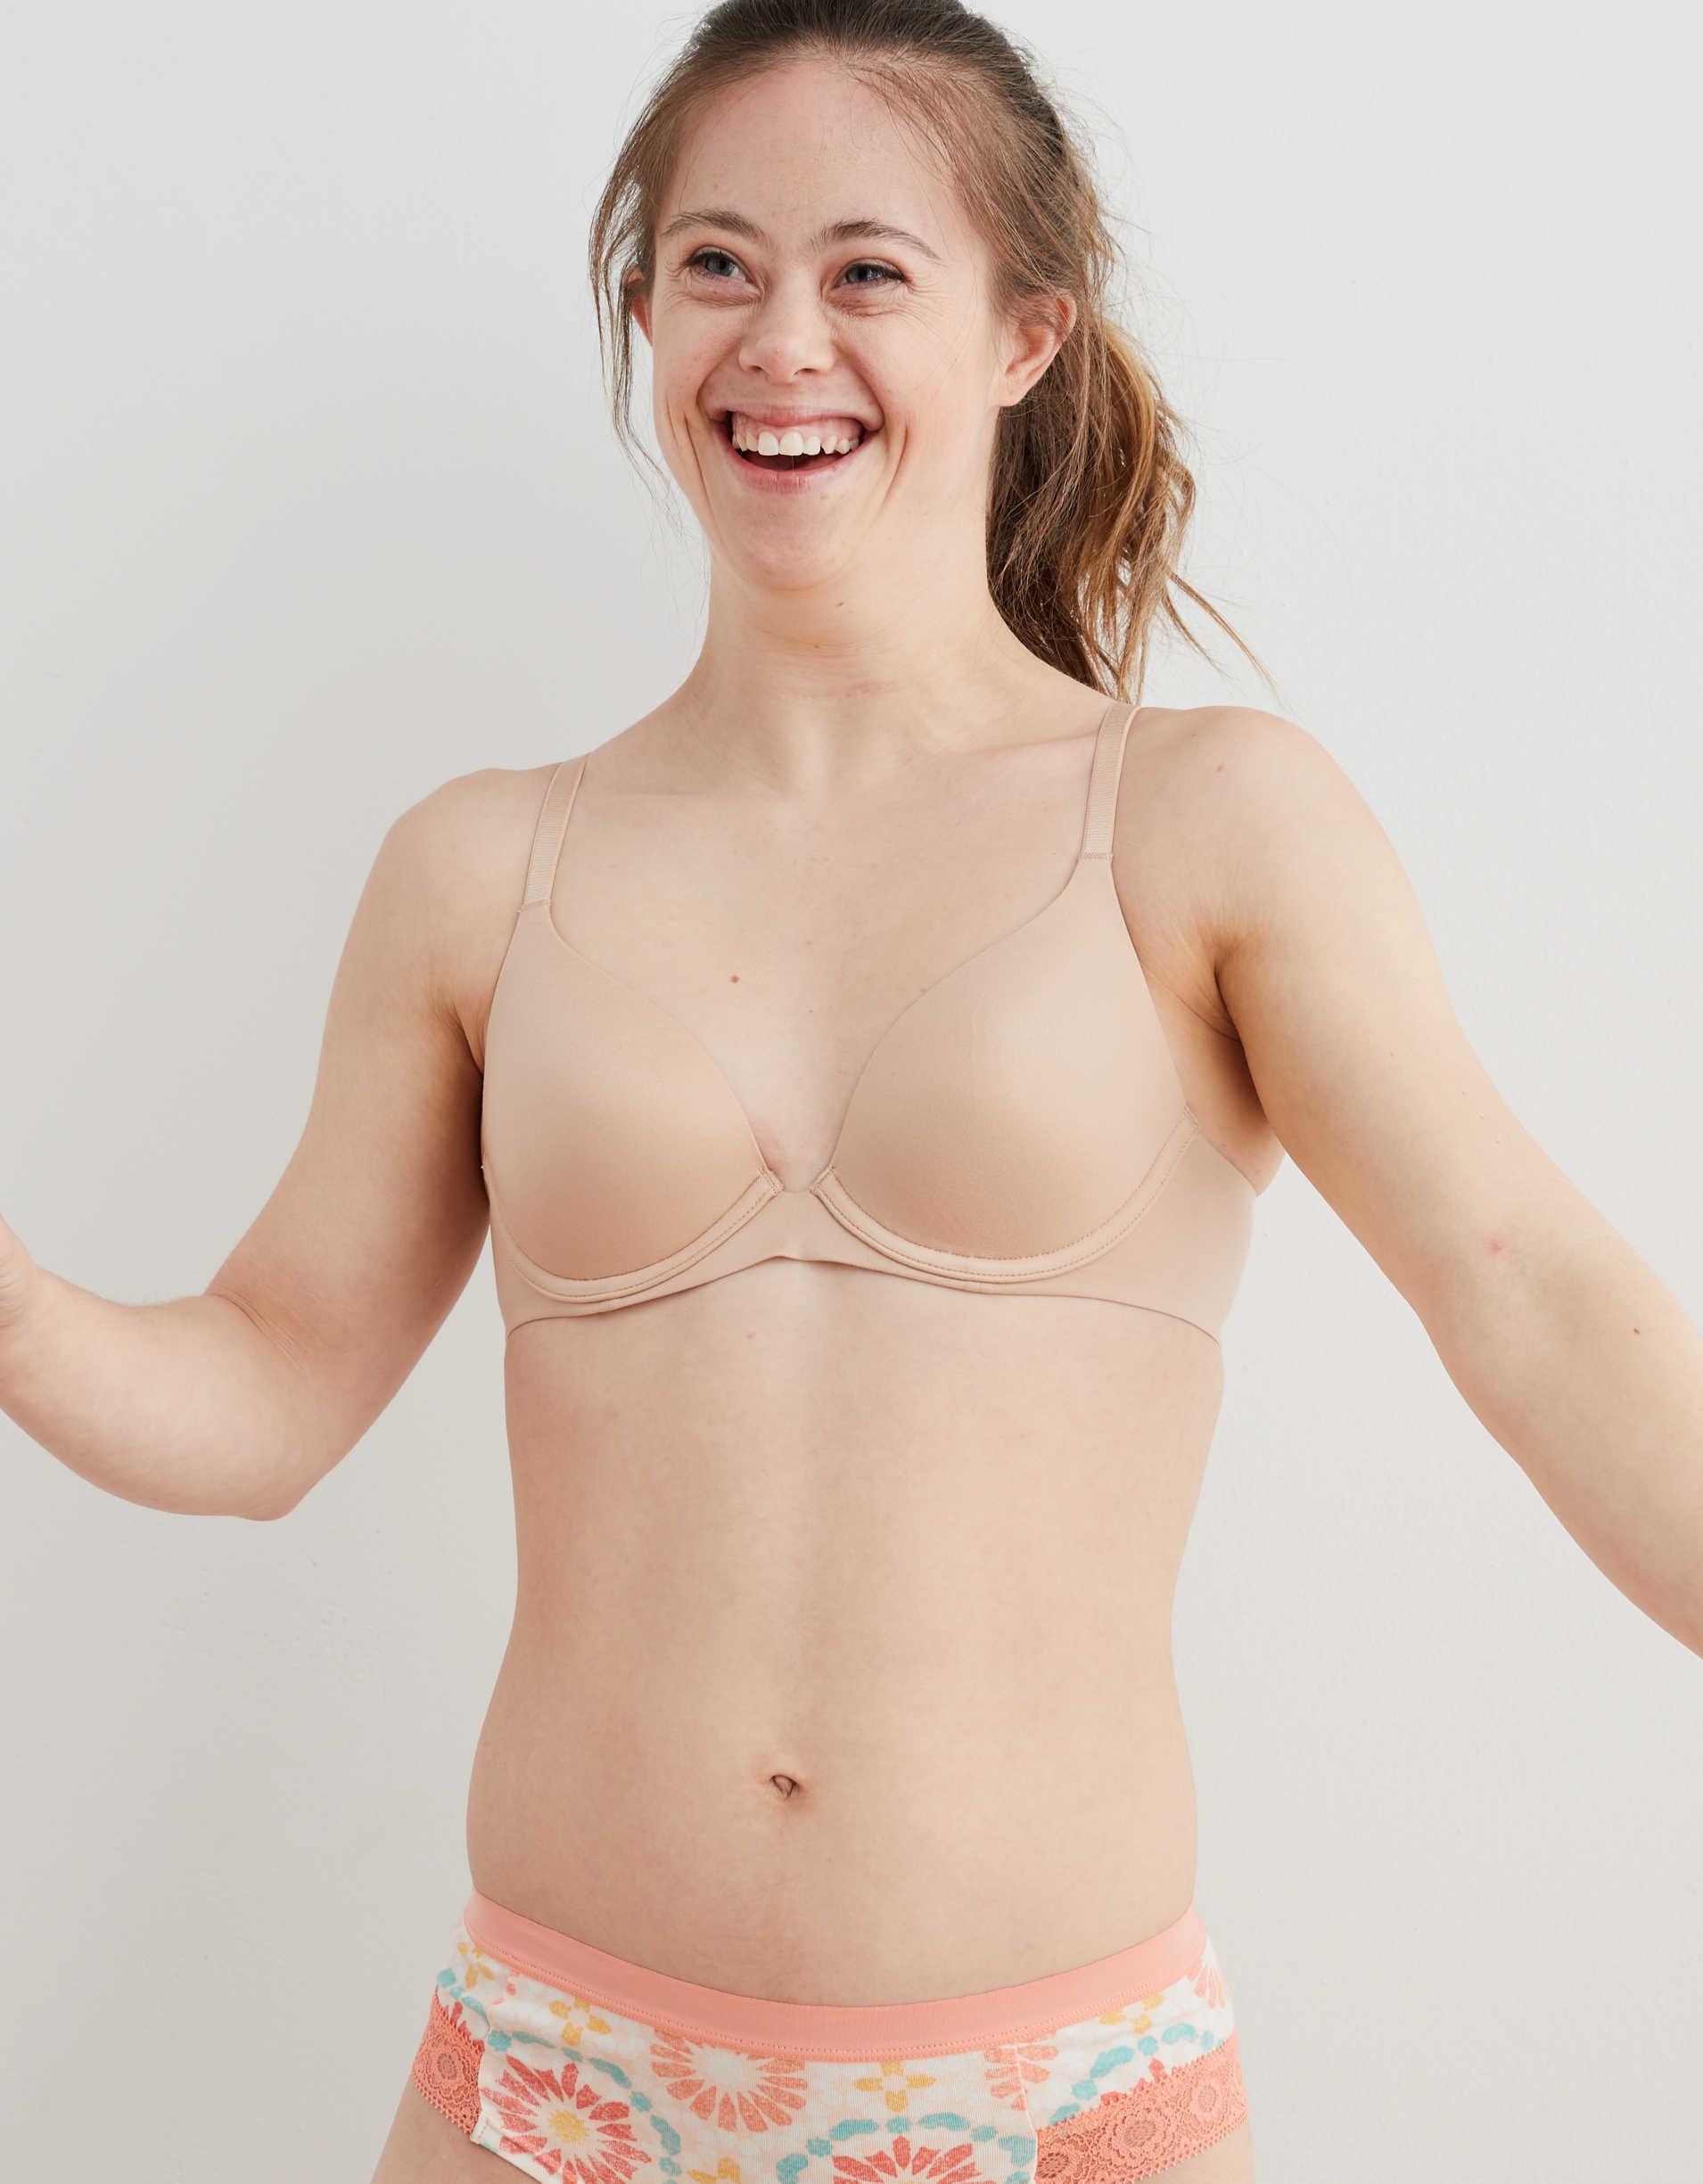 Model wearing the bra in nude